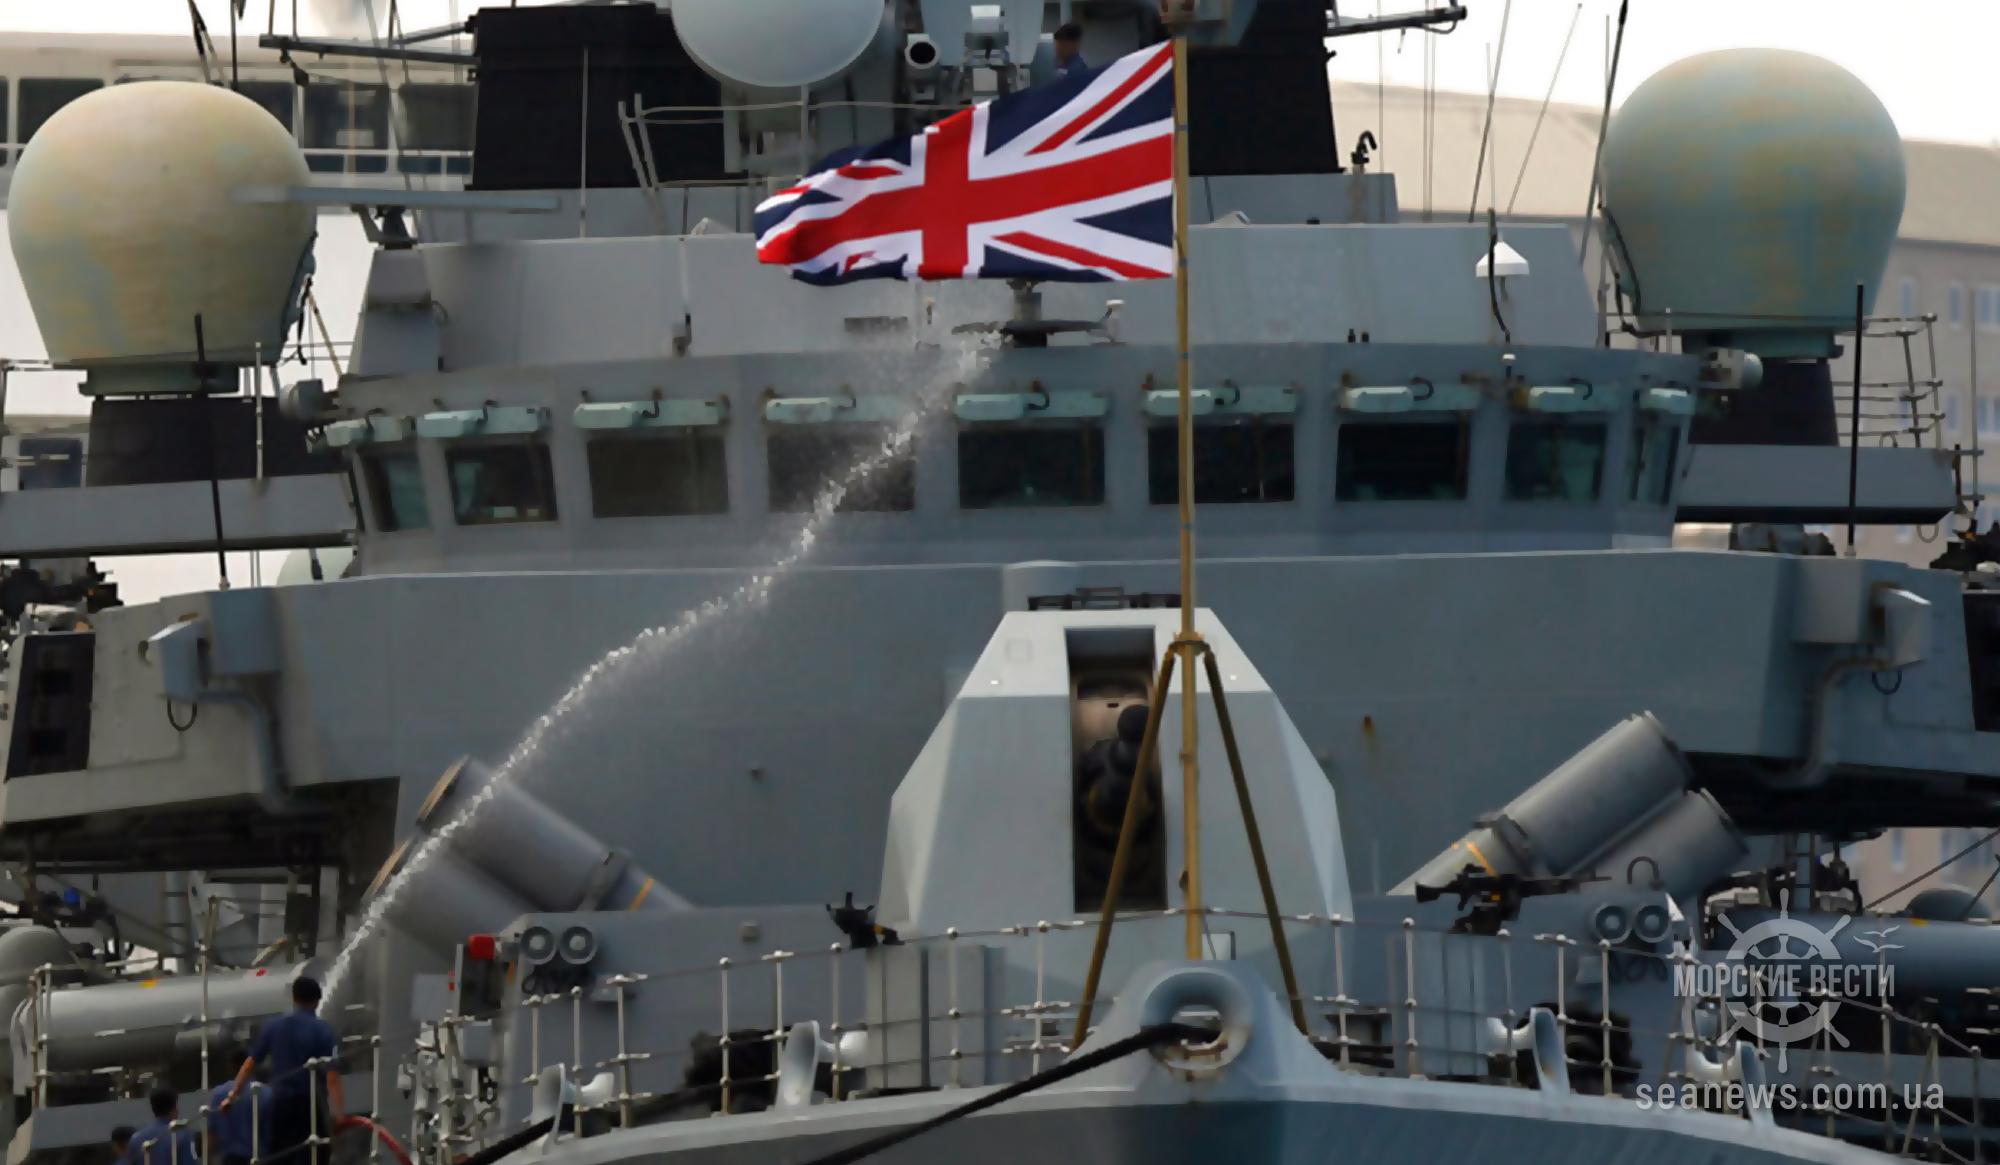 Британия отправляет в поход крупнейшую в истории ударную группировку кораблей